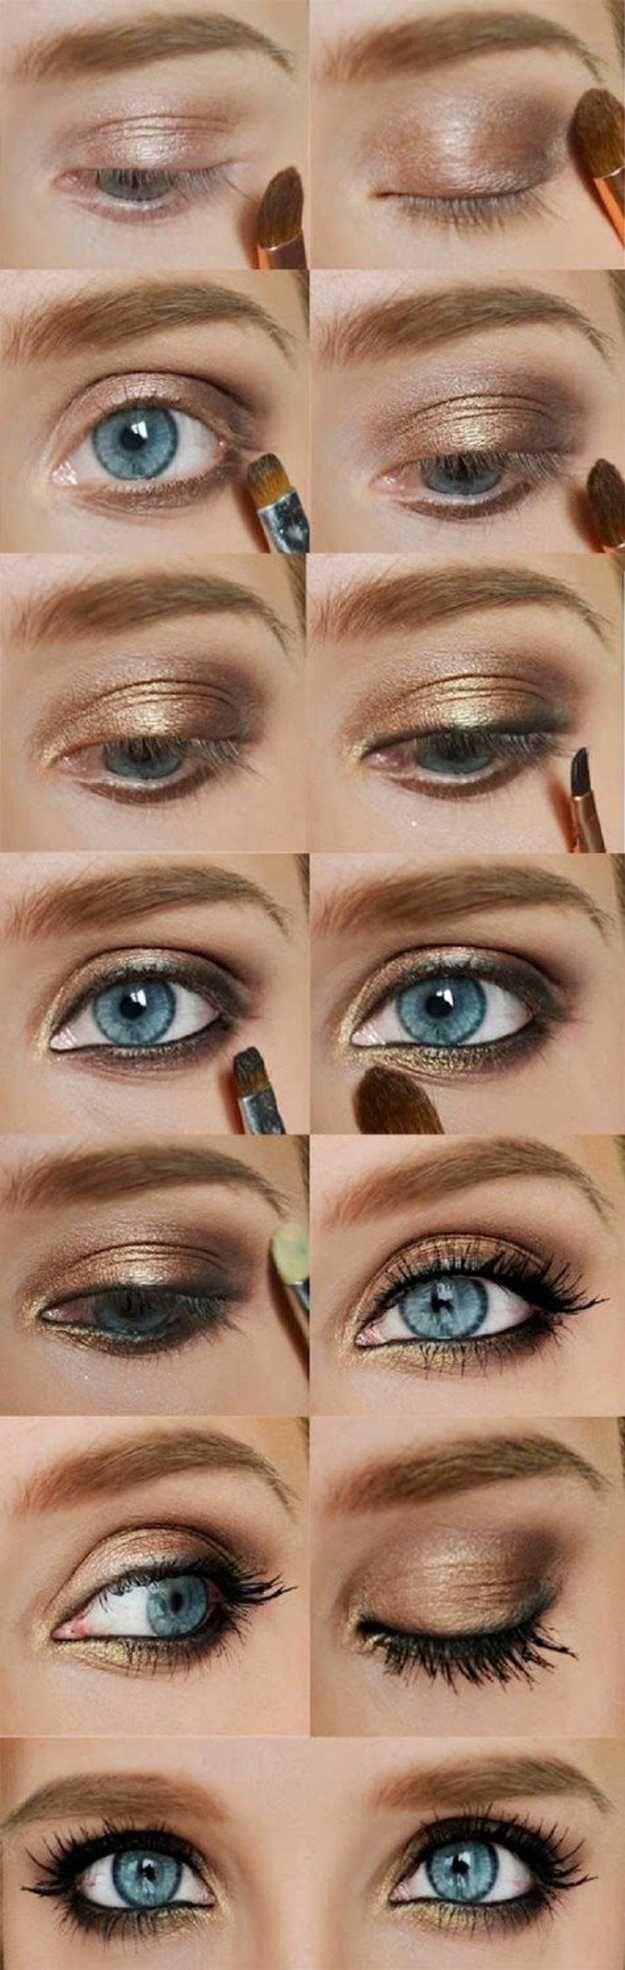 Gold Eyeshadow | Colorful Eyeshadow Tutorials | Makeup Tutorials